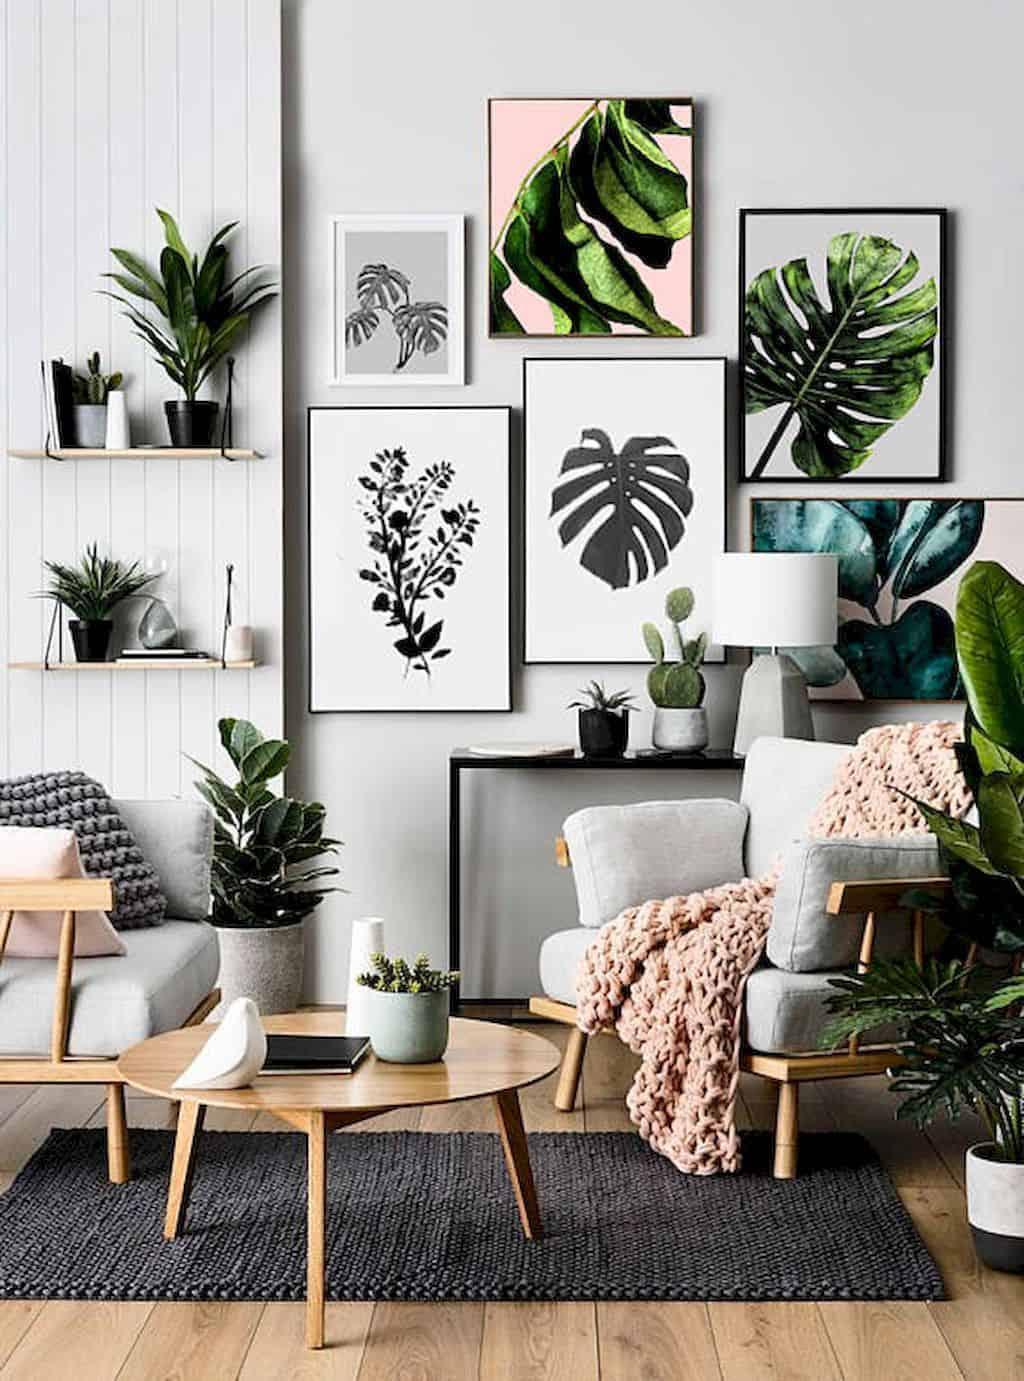 ev dekorasyonu fikirleri rehberi